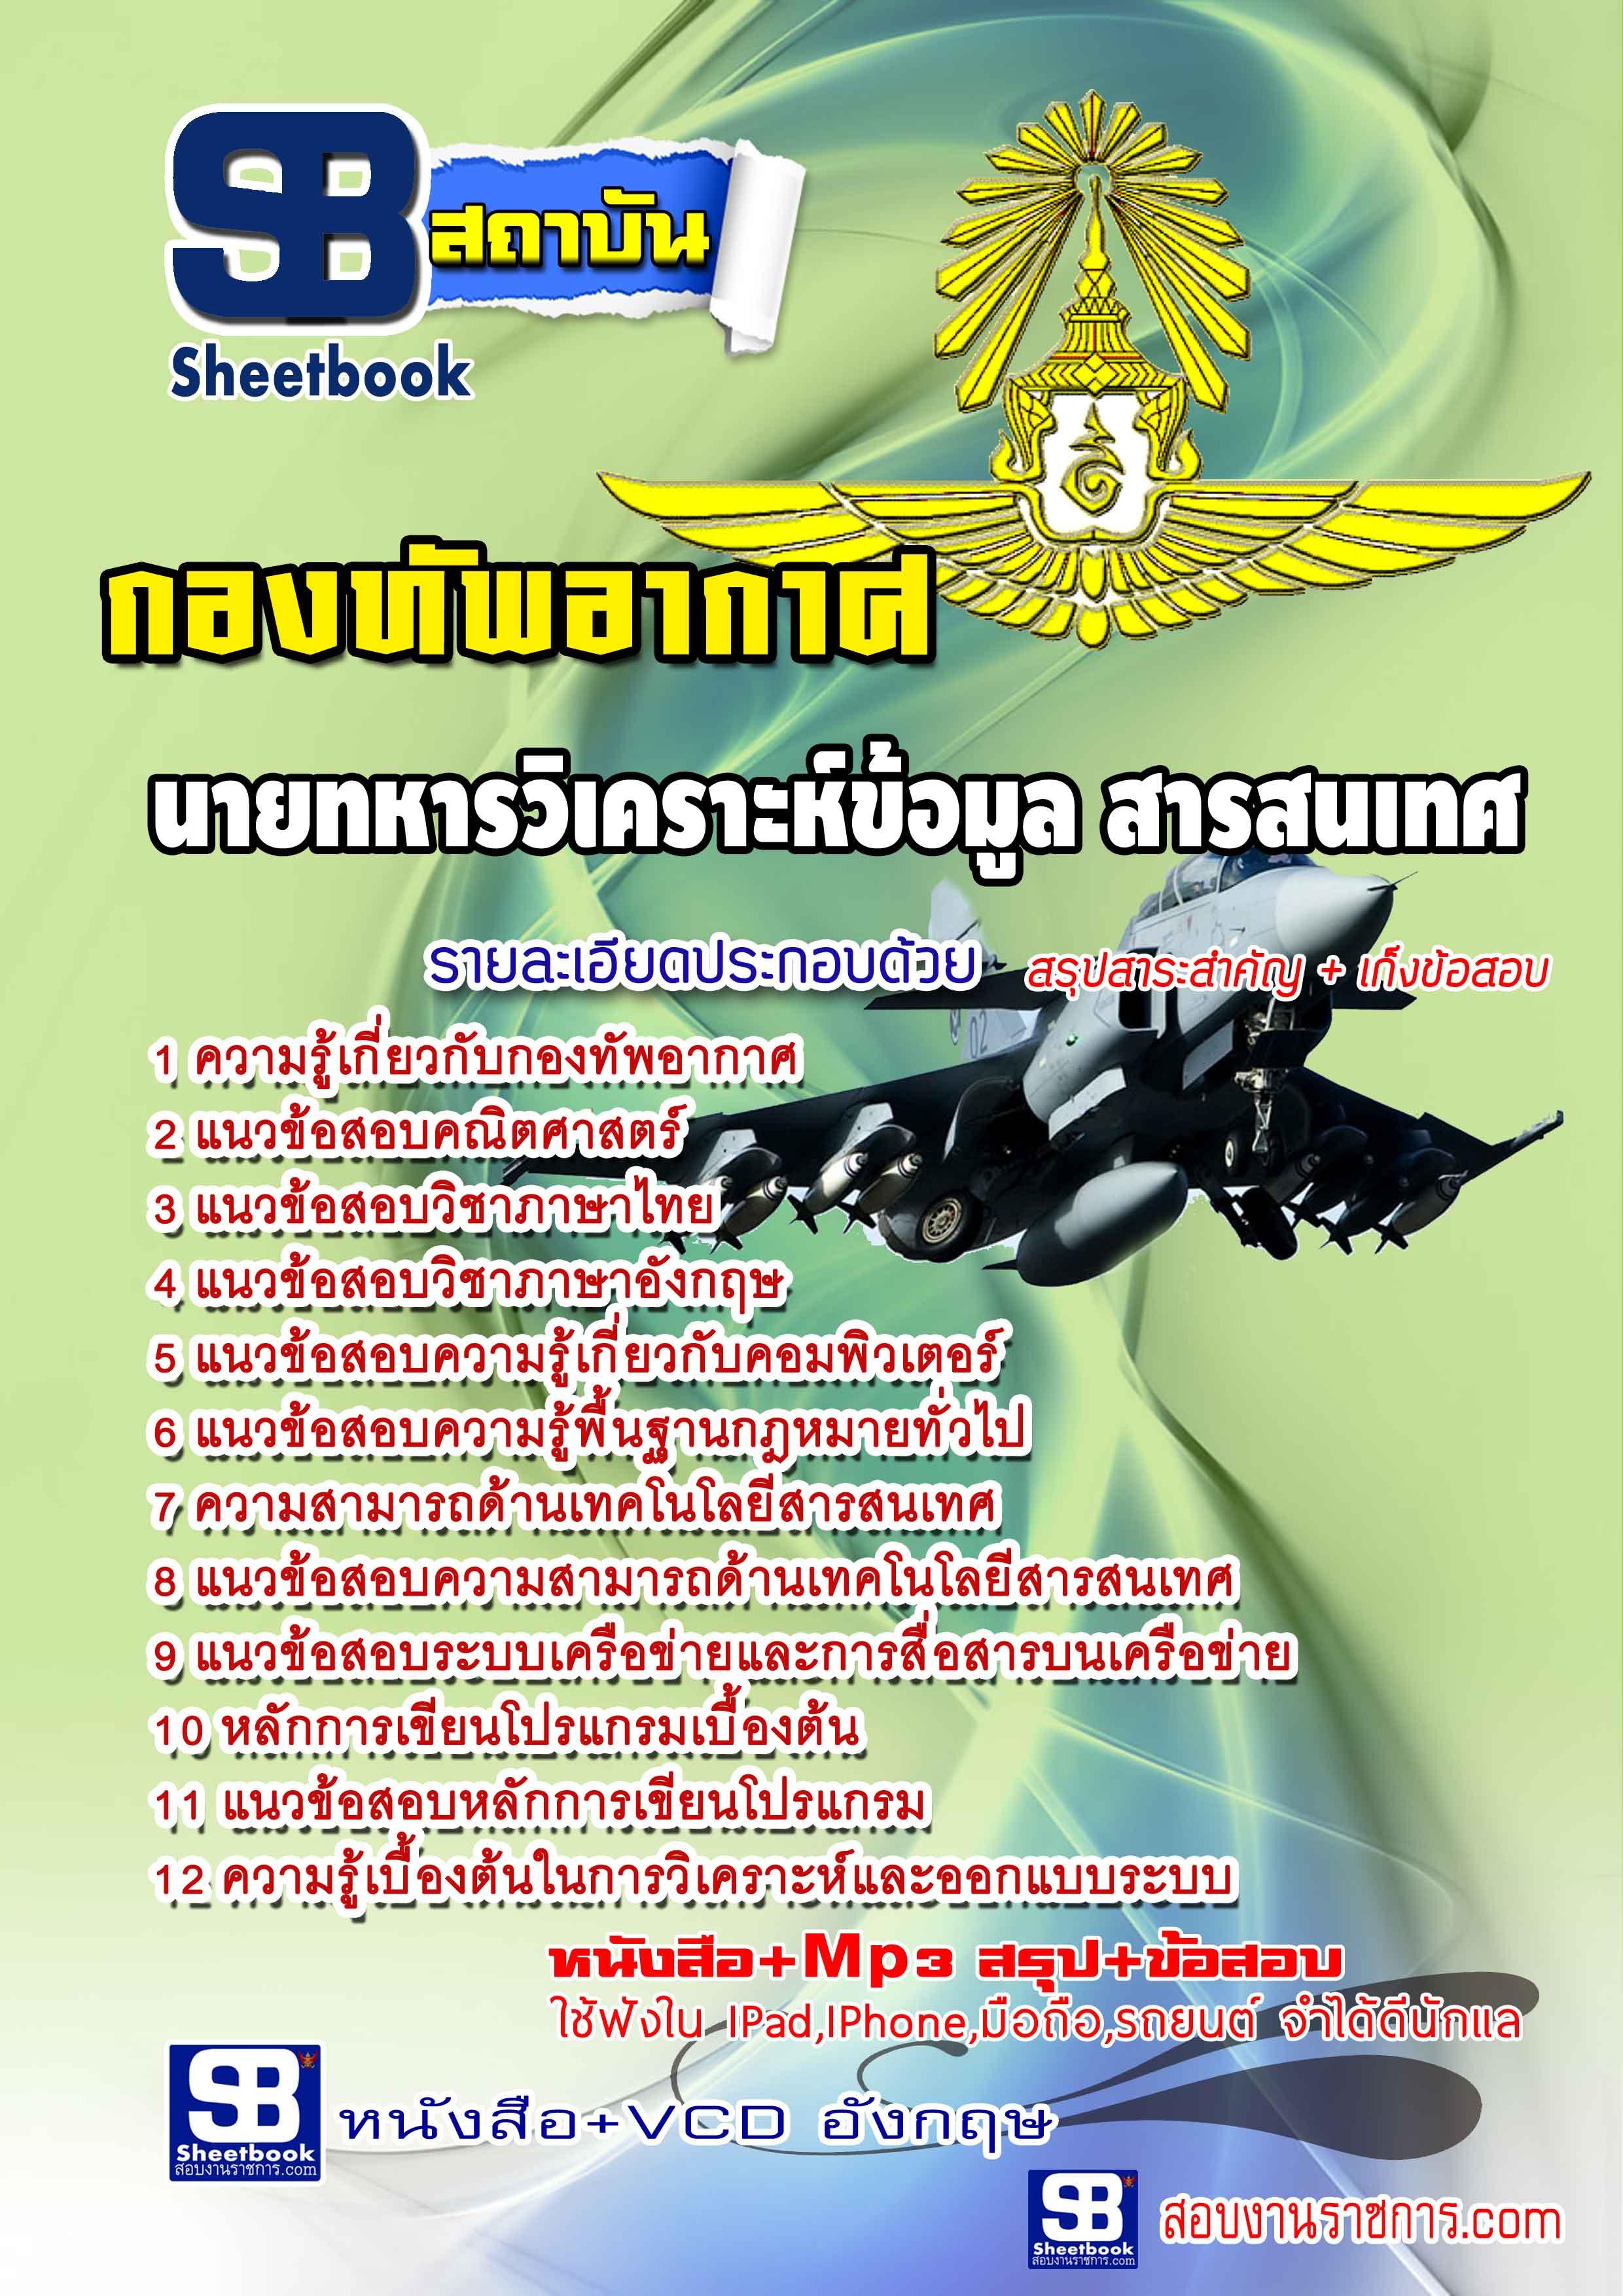 หนังสือสอบนายทหารวิเคราะห์ข้อมูล สารสนเทศ กองทัพอากาศ